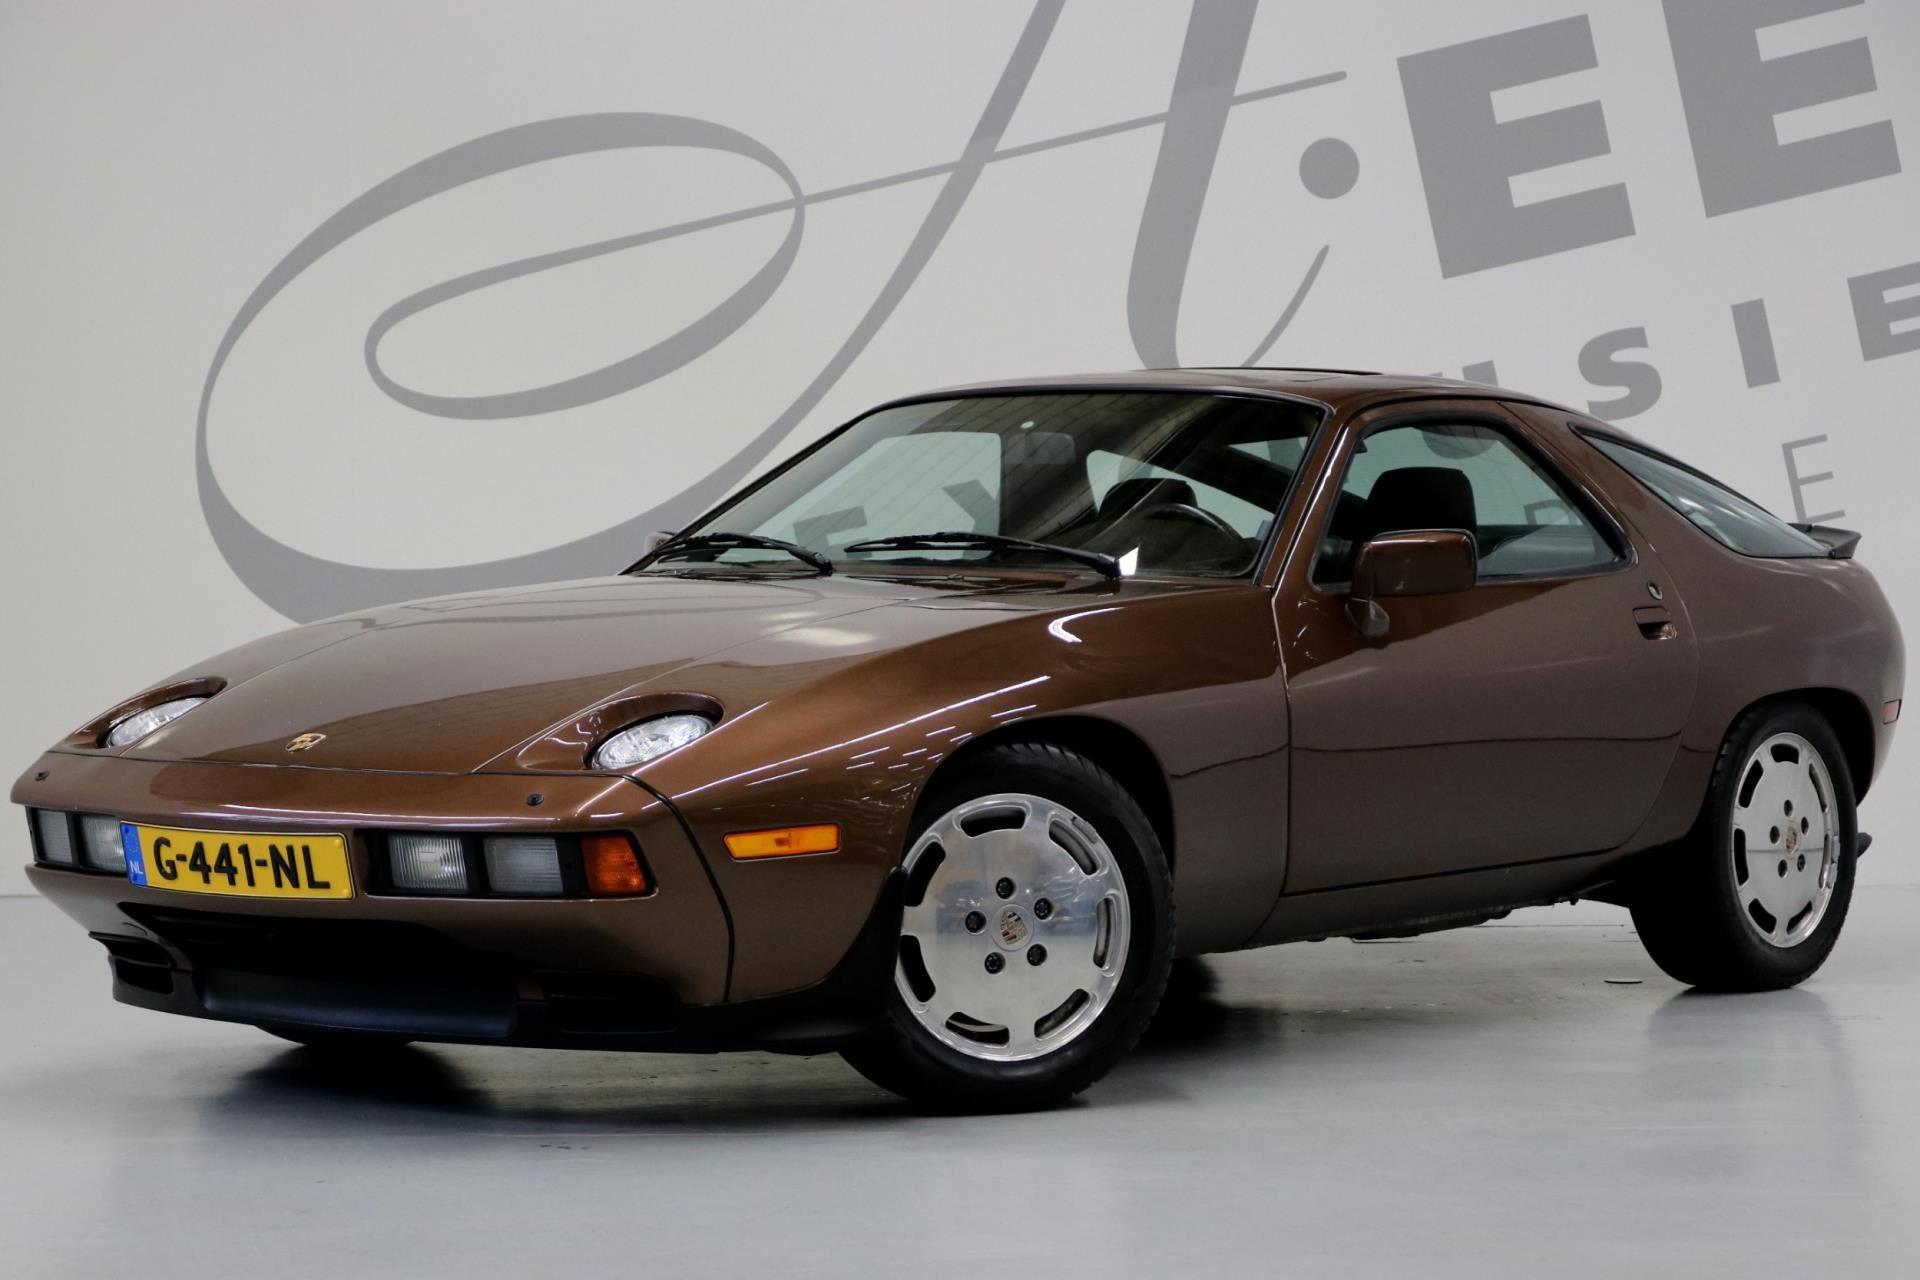 Porsche 928 occasion - Aeen Exclusieve Automobielen